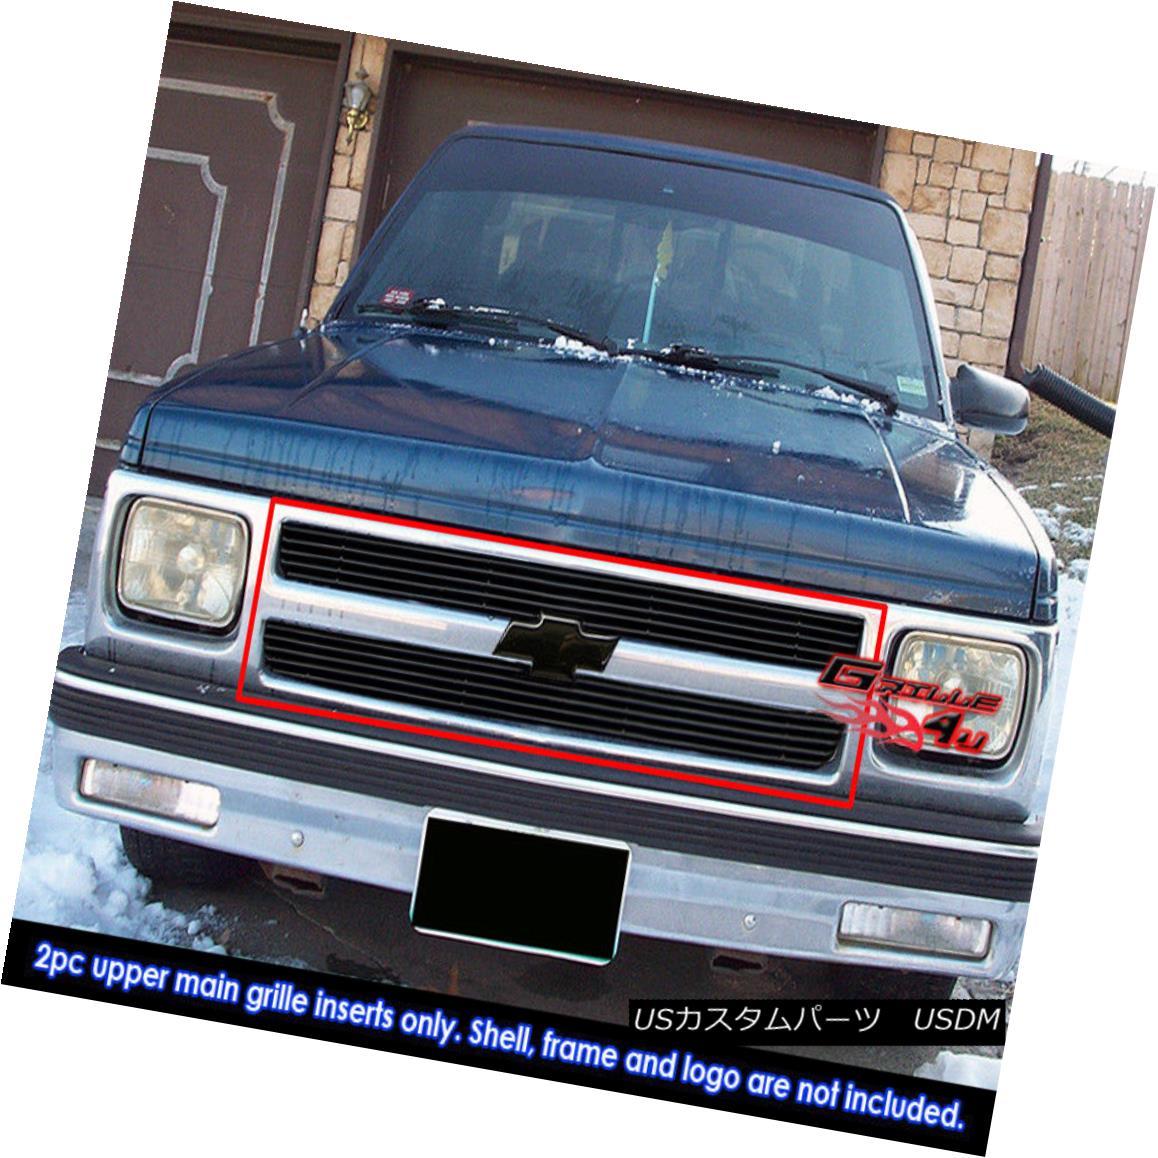 グリル Fits 91-92 Chevy S10 Pickup/91-93 S-10 Blazer Black Billet Grille Insert フィット91-92シボレーS10ピックアップ/ 91-93 S-10ブレザーブラックビレットグリルインサート